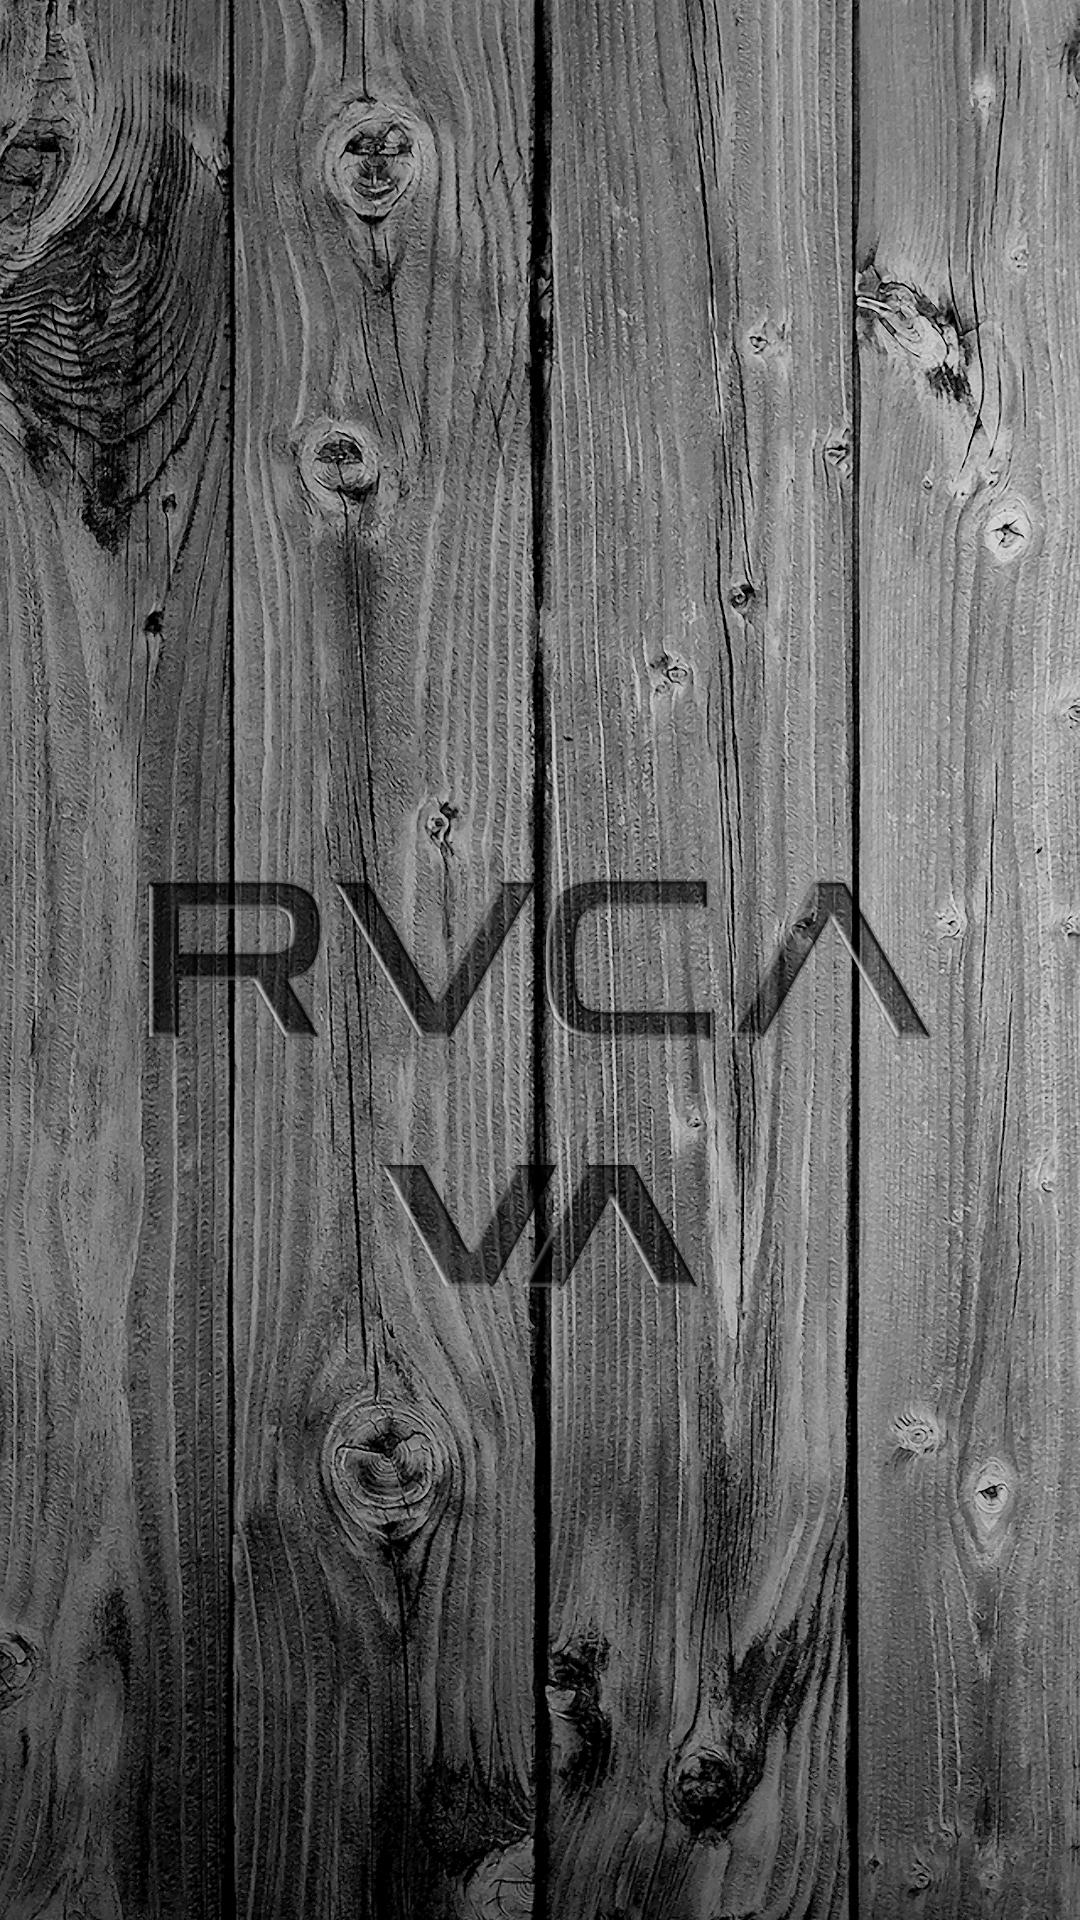 Rvca Surf Wallpaper RVCA Wallpapers...